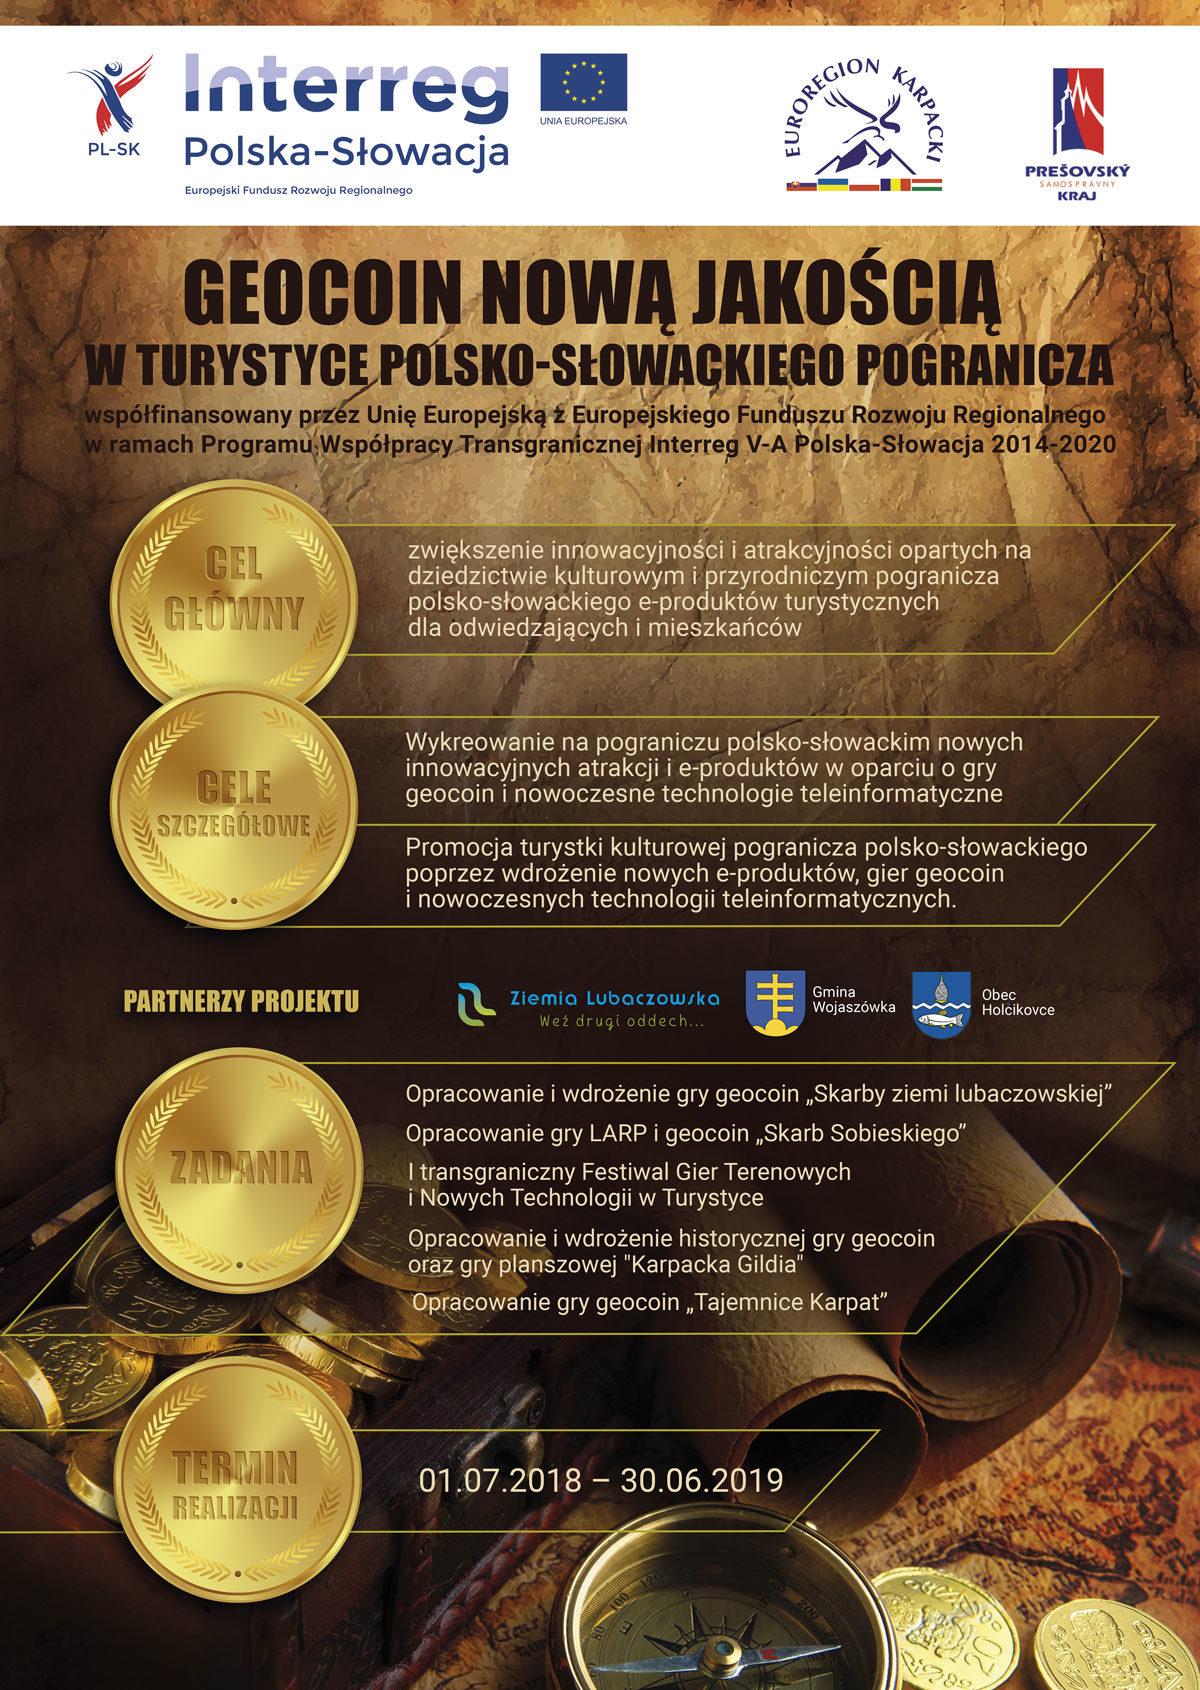 GEOCOIN nową jakością w turystyce polsko-słowackiego pogranicza